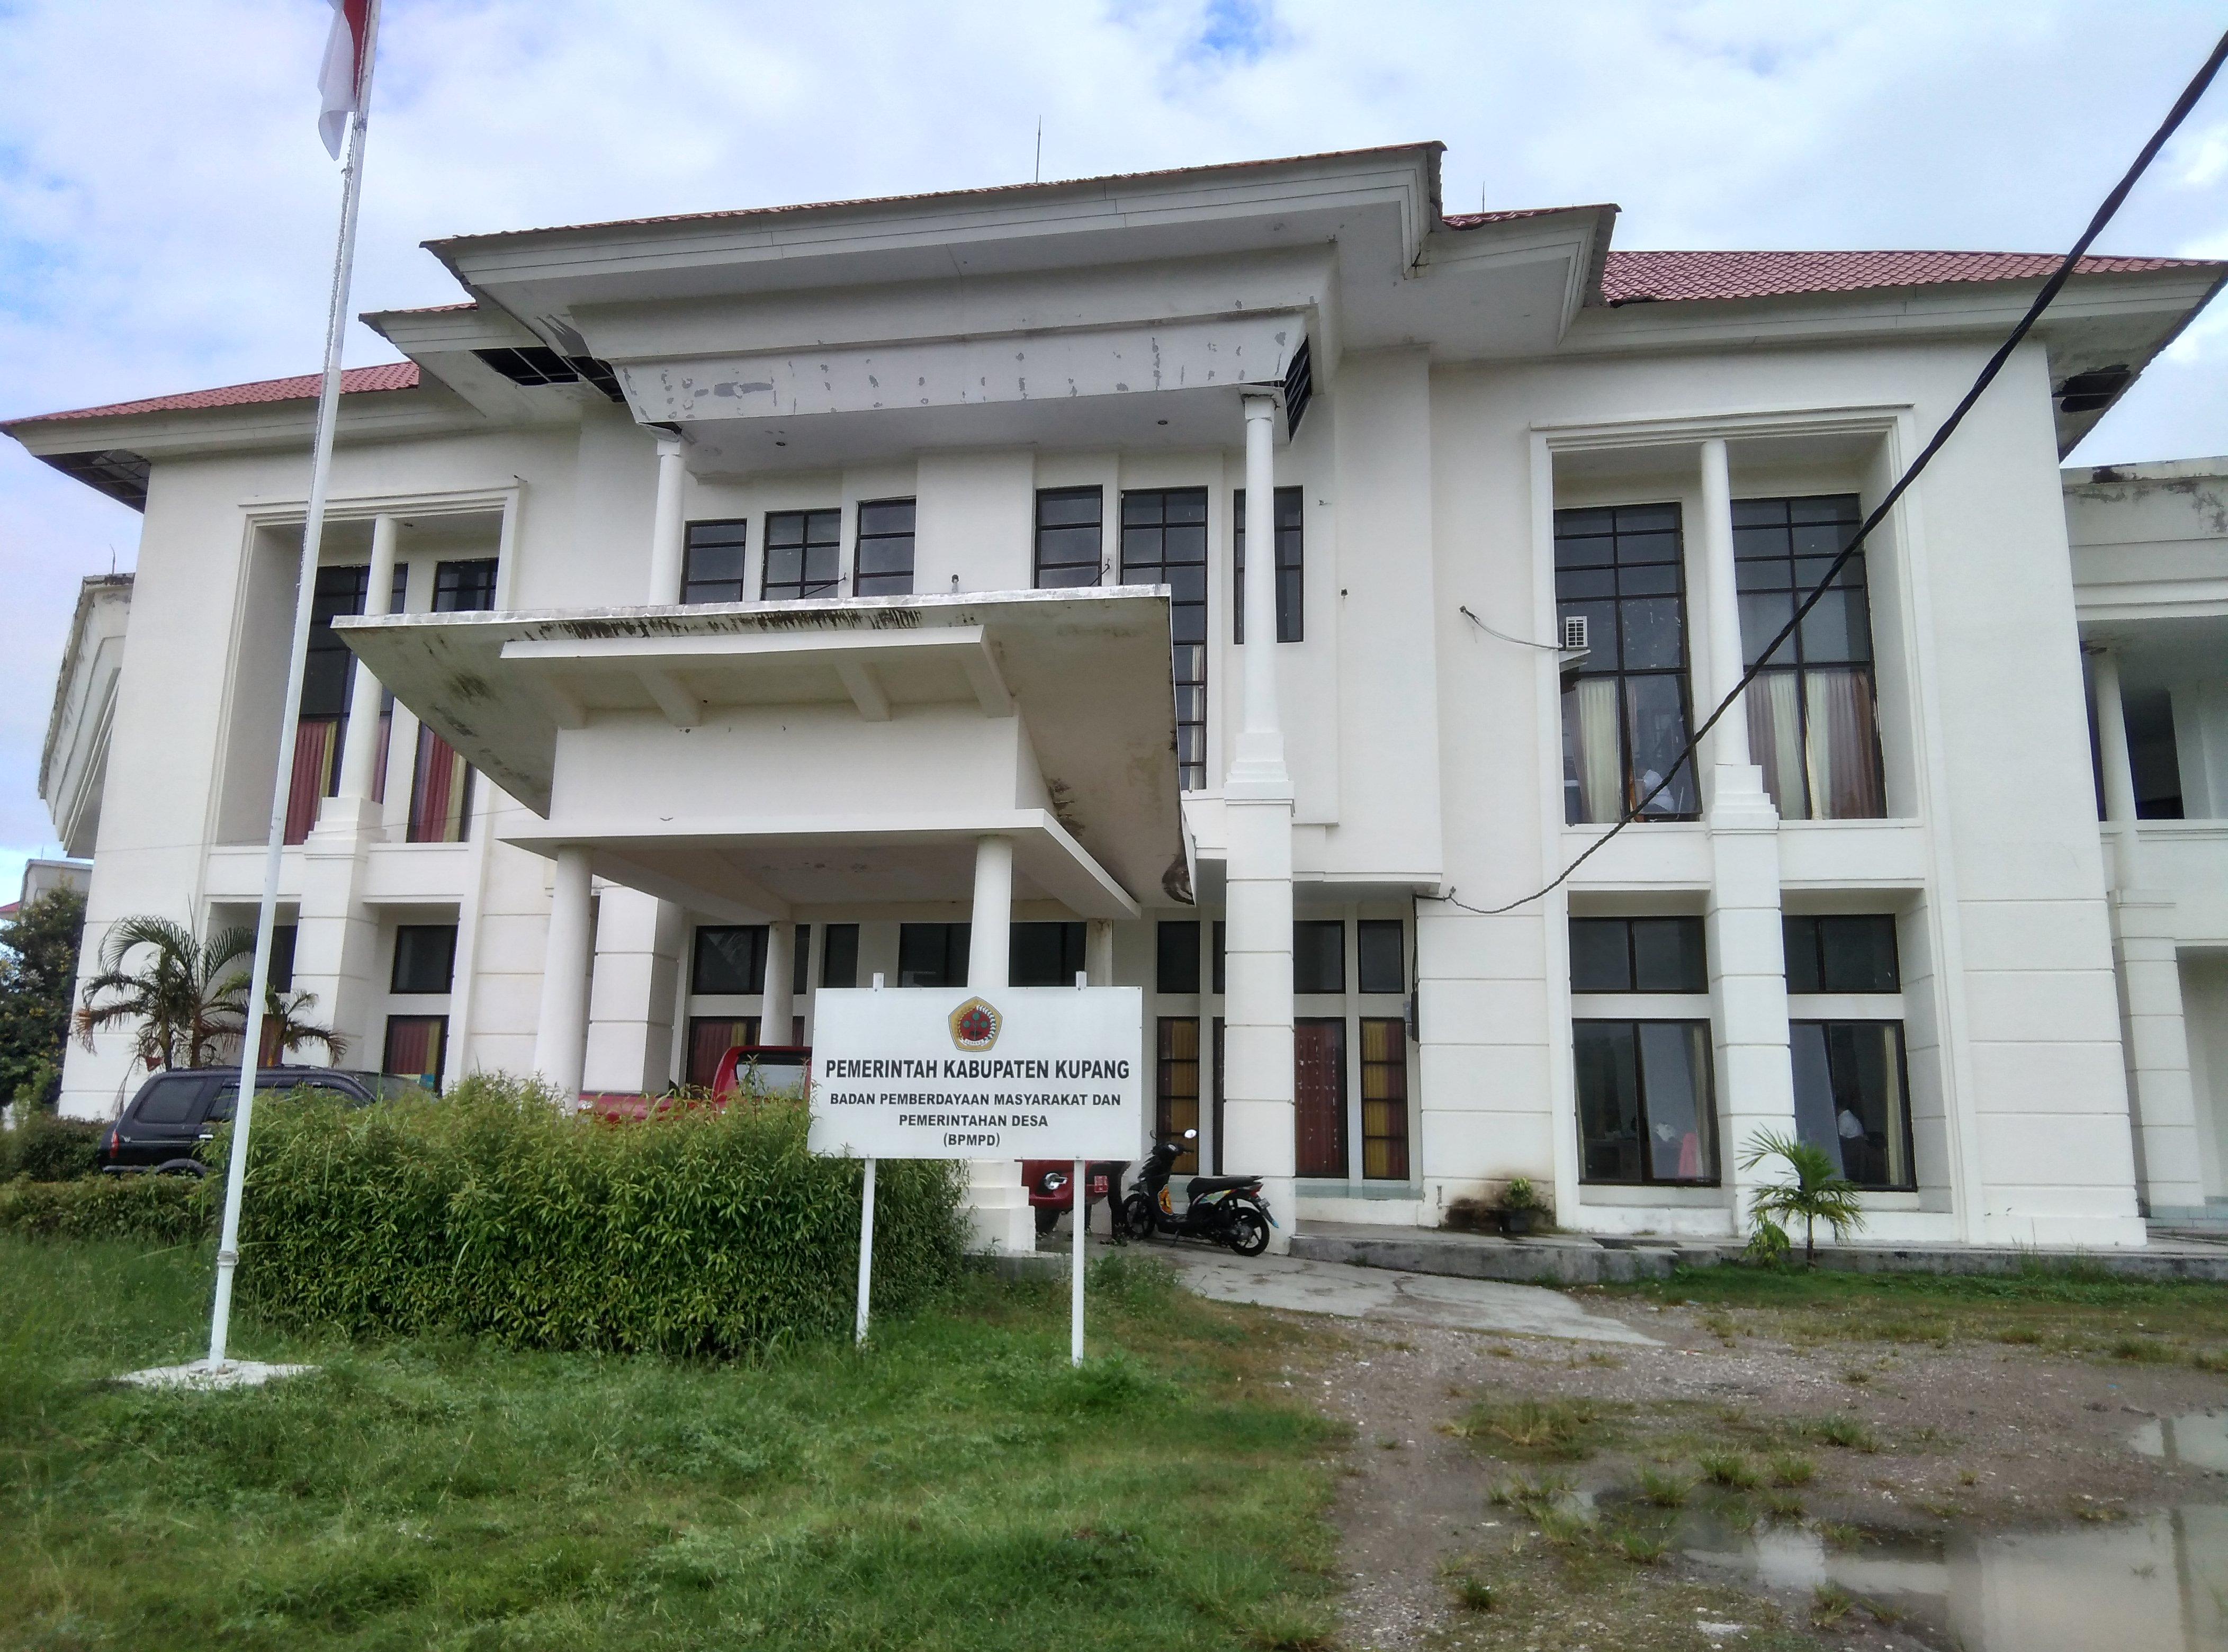 Kantor BPMD Kabupaten Kupang.